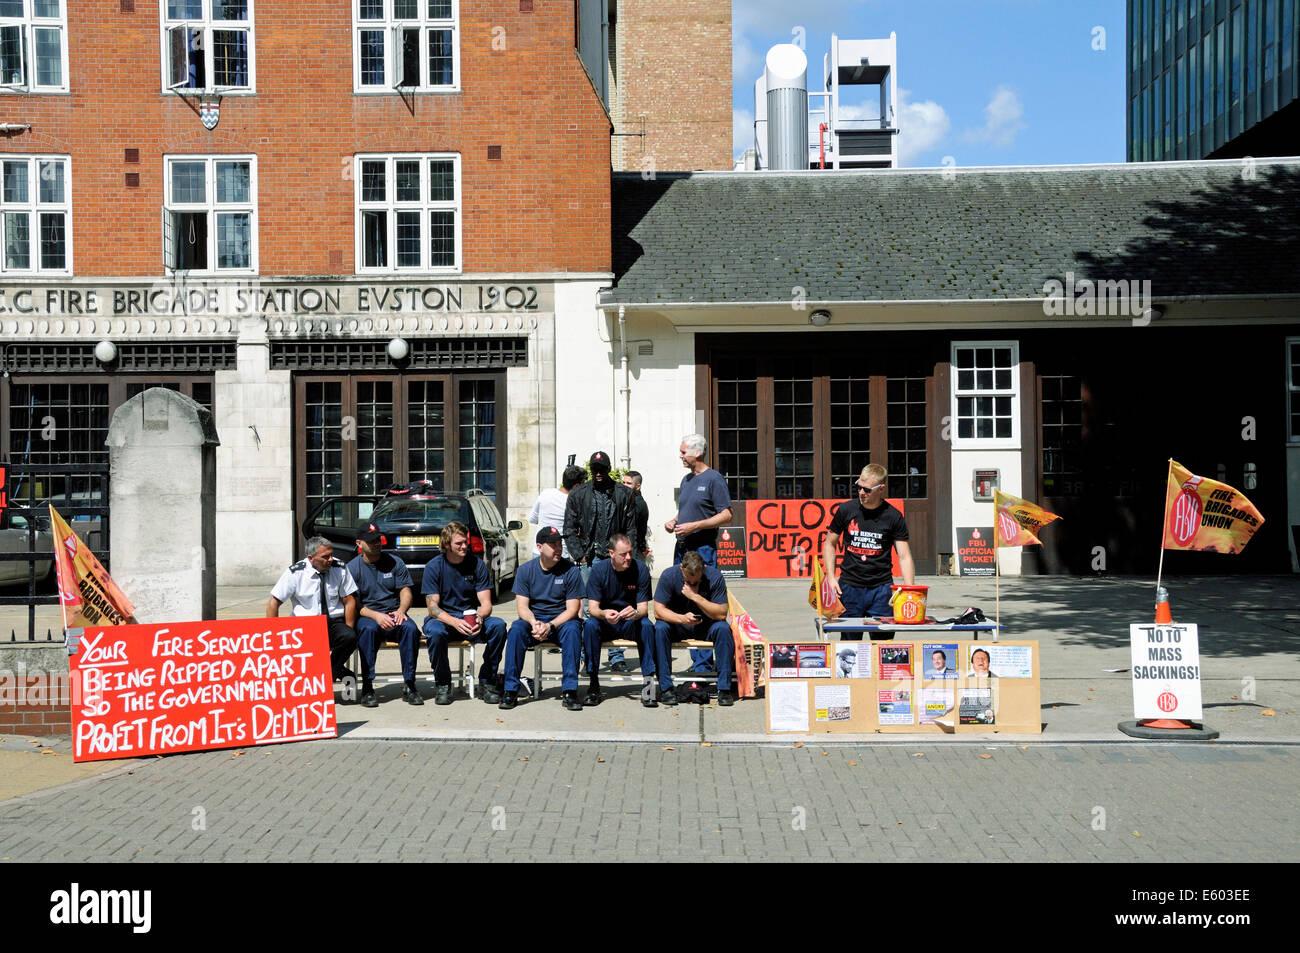 Pompiers en grève sur la ligne de piquetage à l'extérieur de la caserne de pompiers Euston Road Central London, Angleterre Grande-Bretagne Royaume-Uni samedi 9 août 2014 Banque D'Images